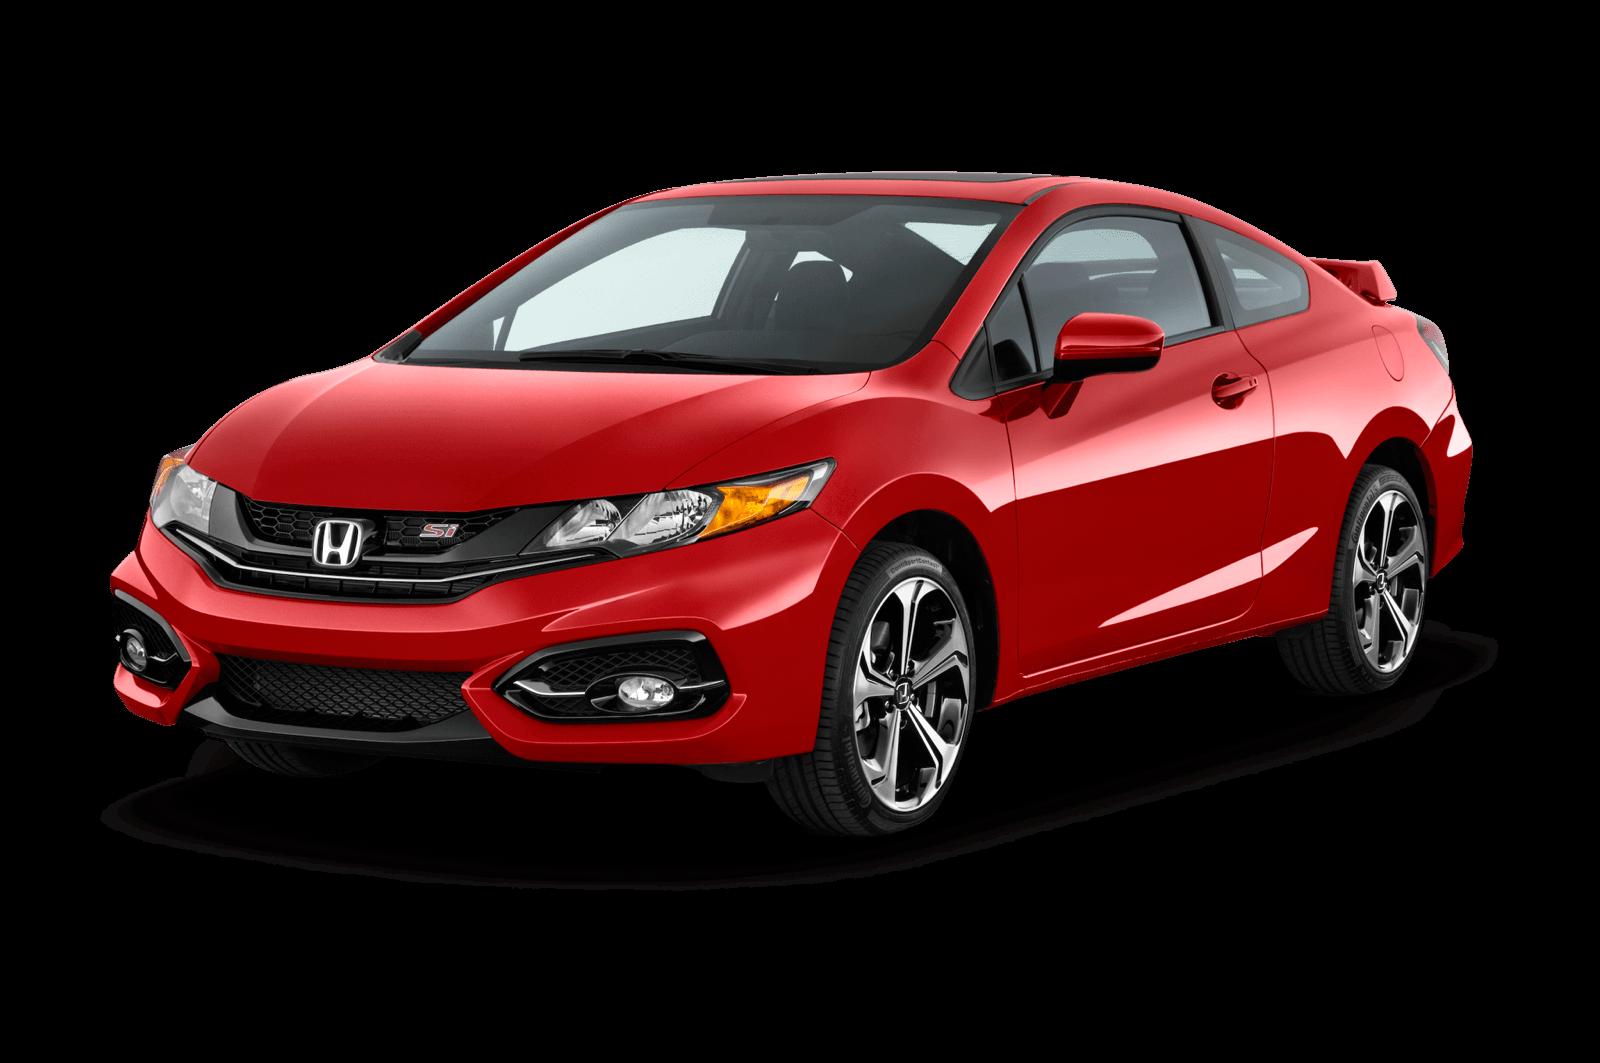 Honda Civic red two door